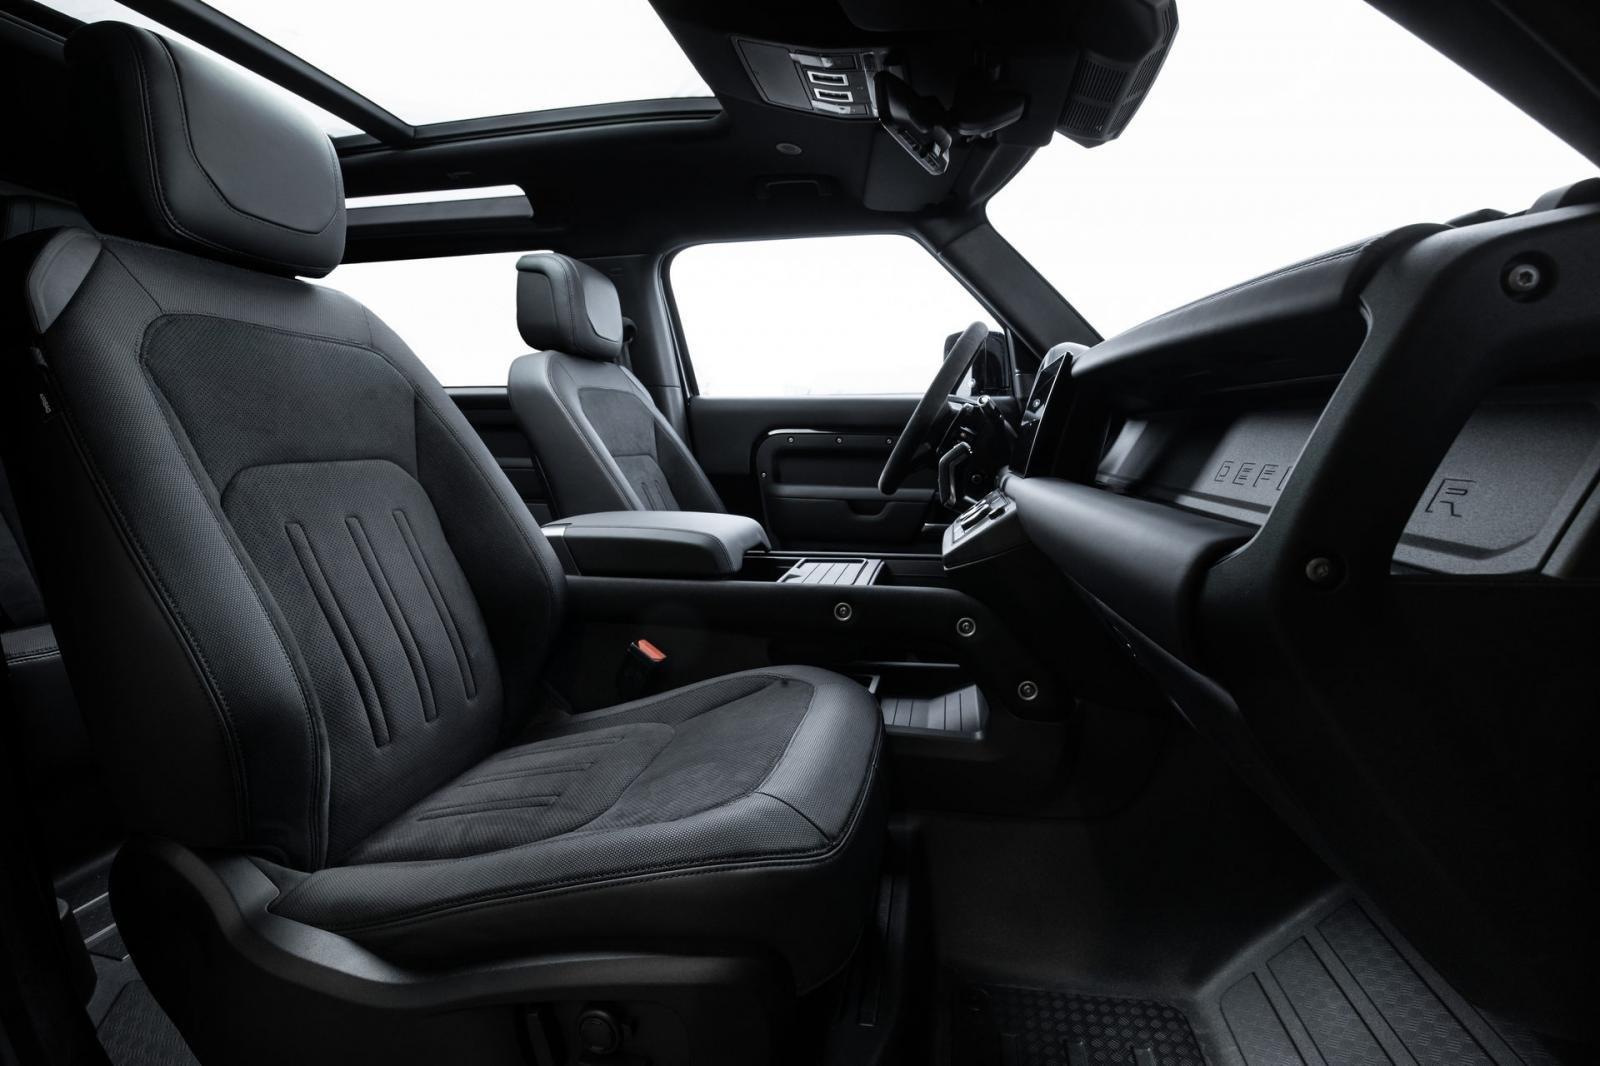 Land Rover Defender 2021 đảm bảo sự an toàn và độ thoải mái của người dùng.